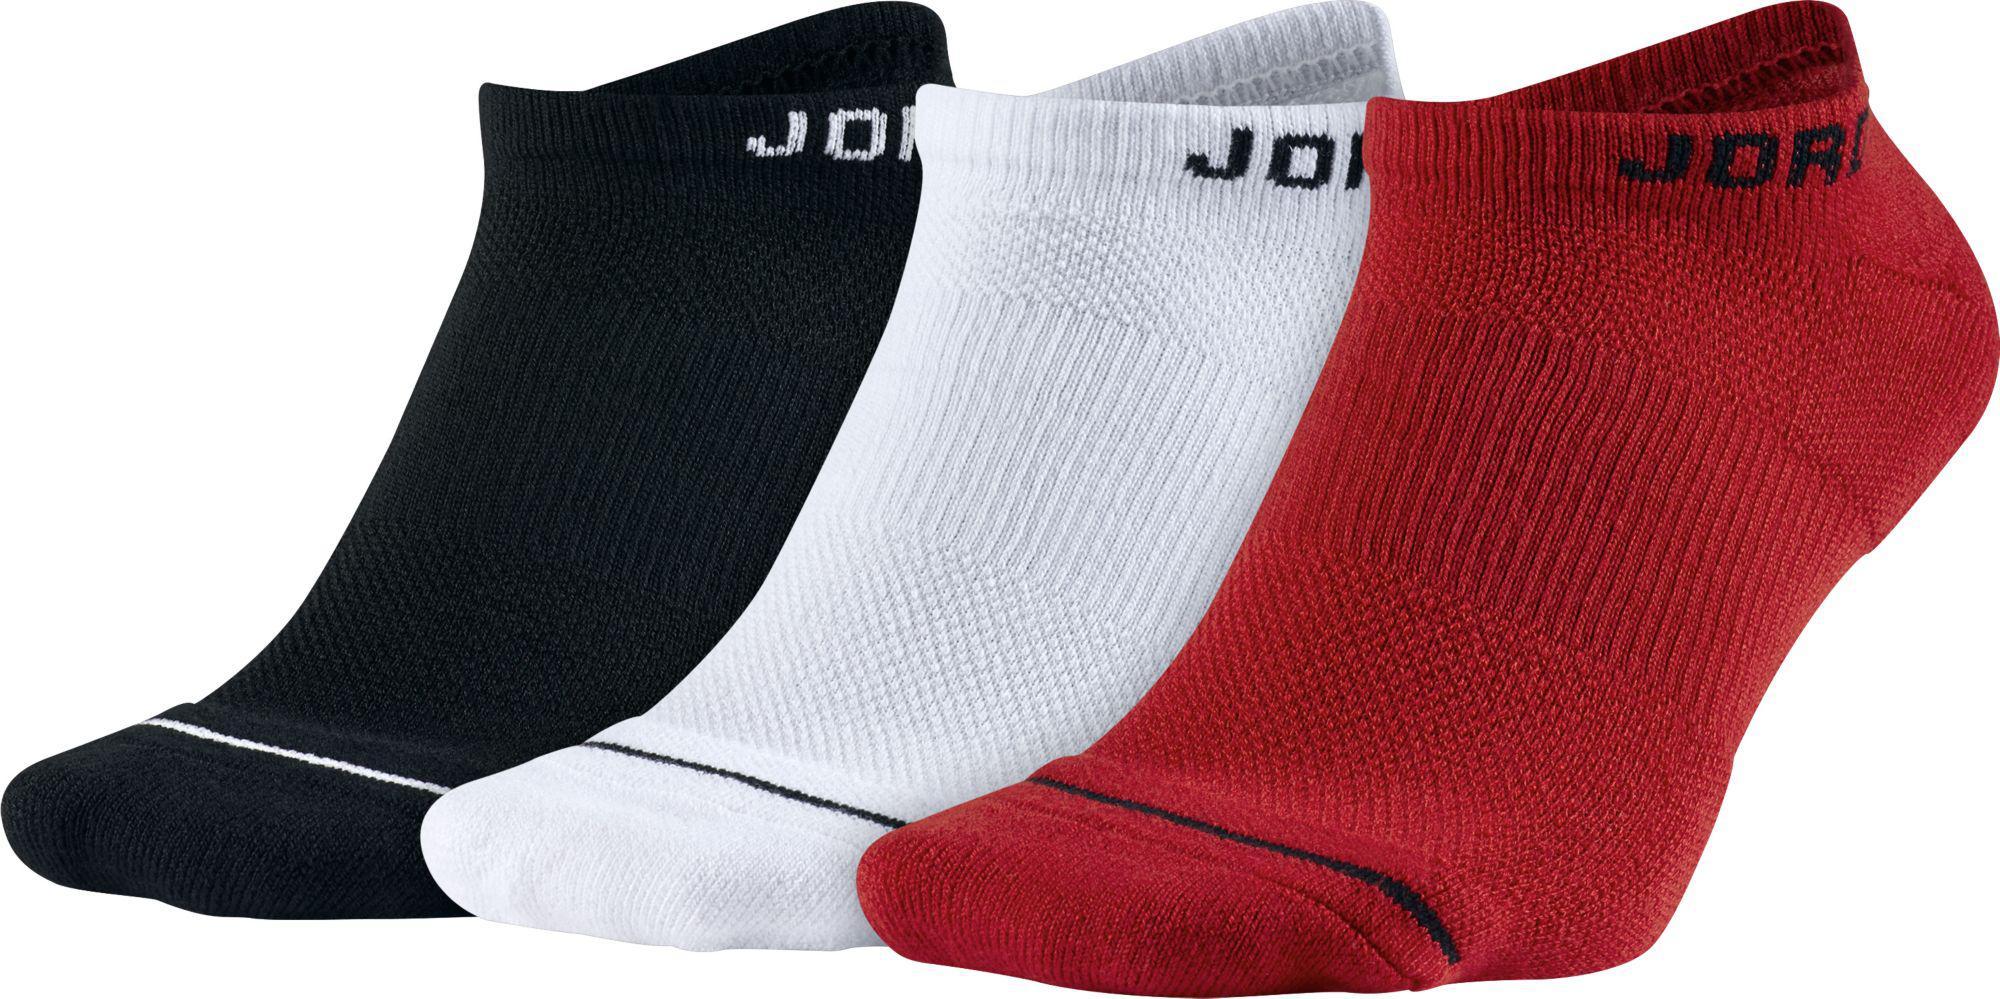 85e898706456 Lyst - Nike Jumpman Dri-fit No Show Socks 3 Pack in Red